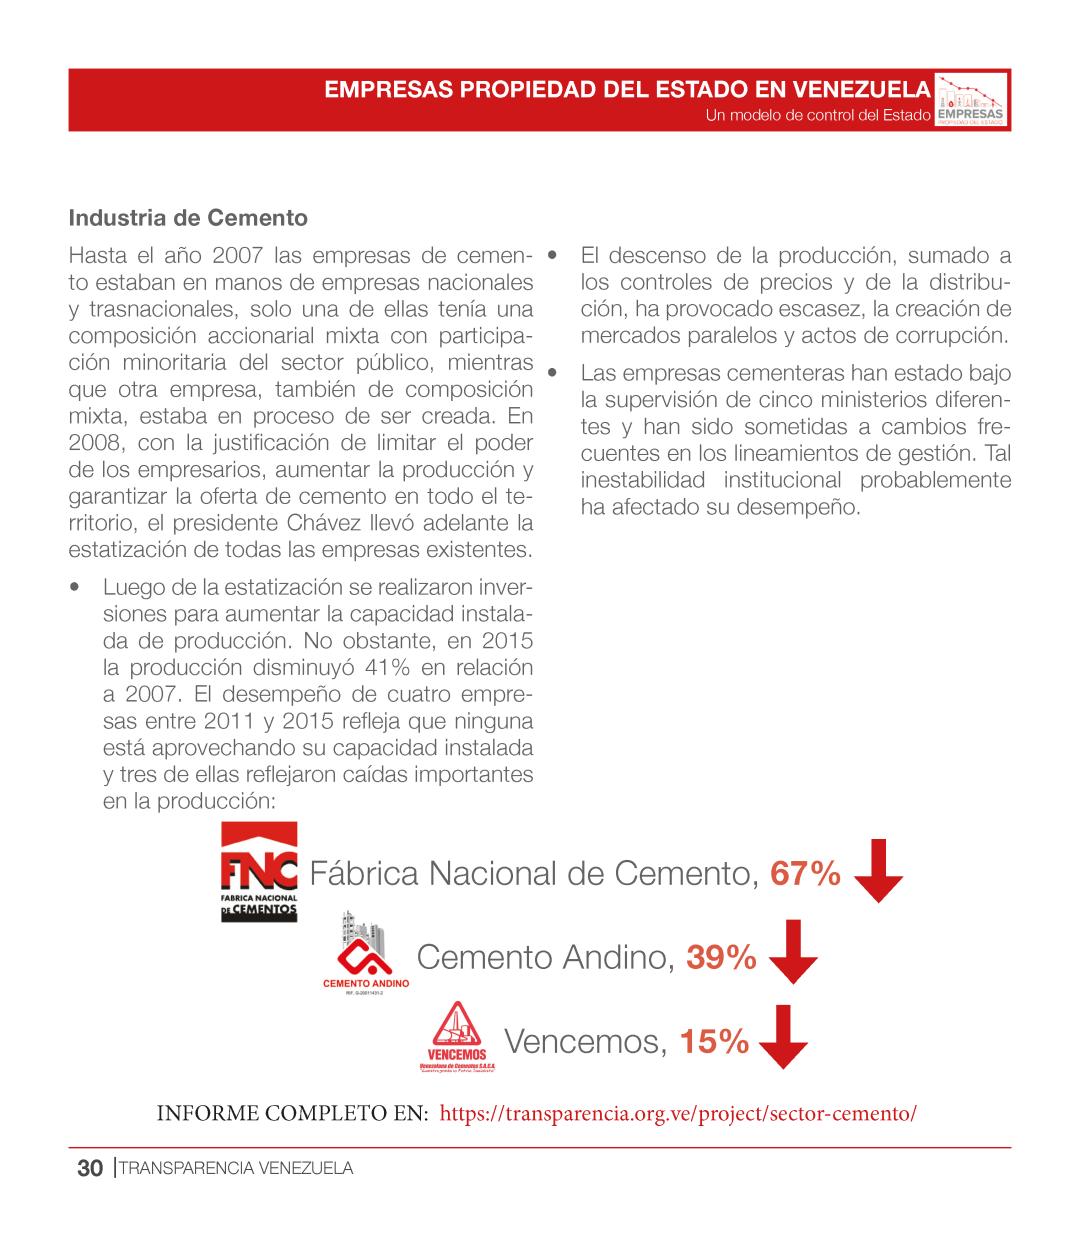 Empresas-propiedad-del-Edo.-2017-TV-sin-linea-de-corte_Página_30